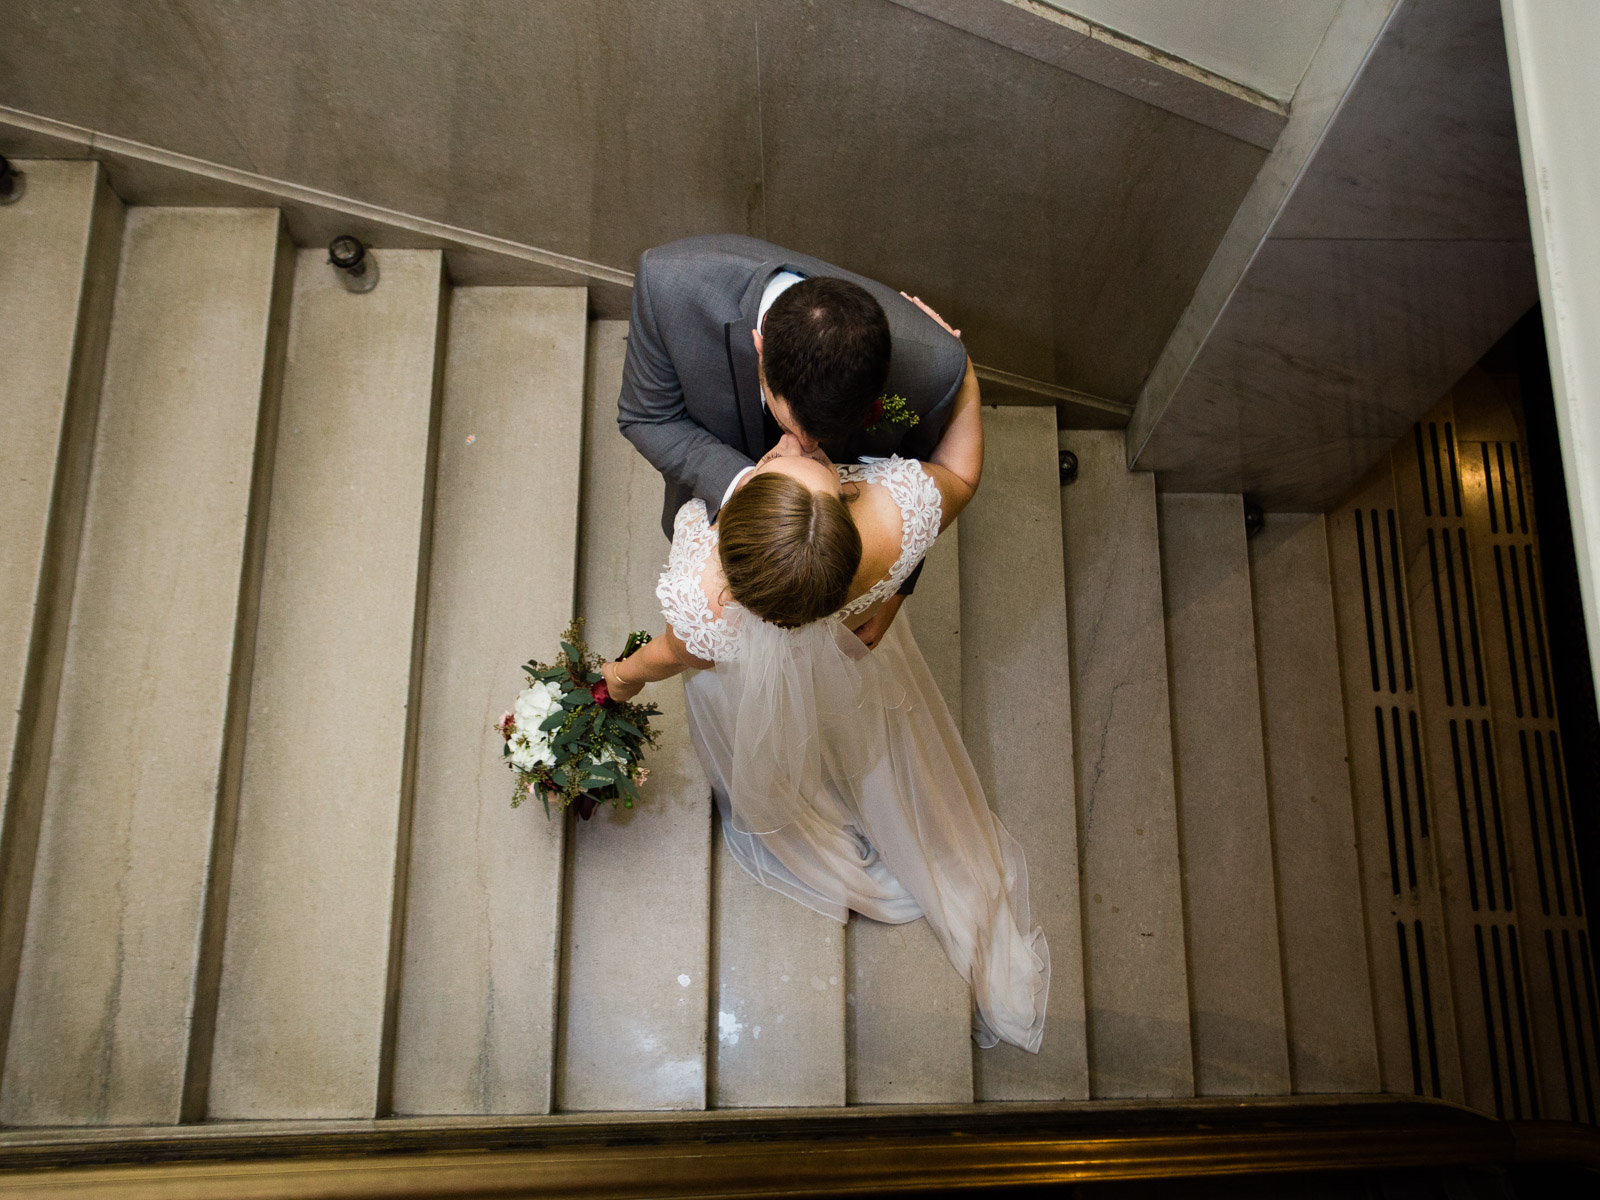 fall-ariel-international-wedding-photos-by-matt-erickson-photography-6.jpg